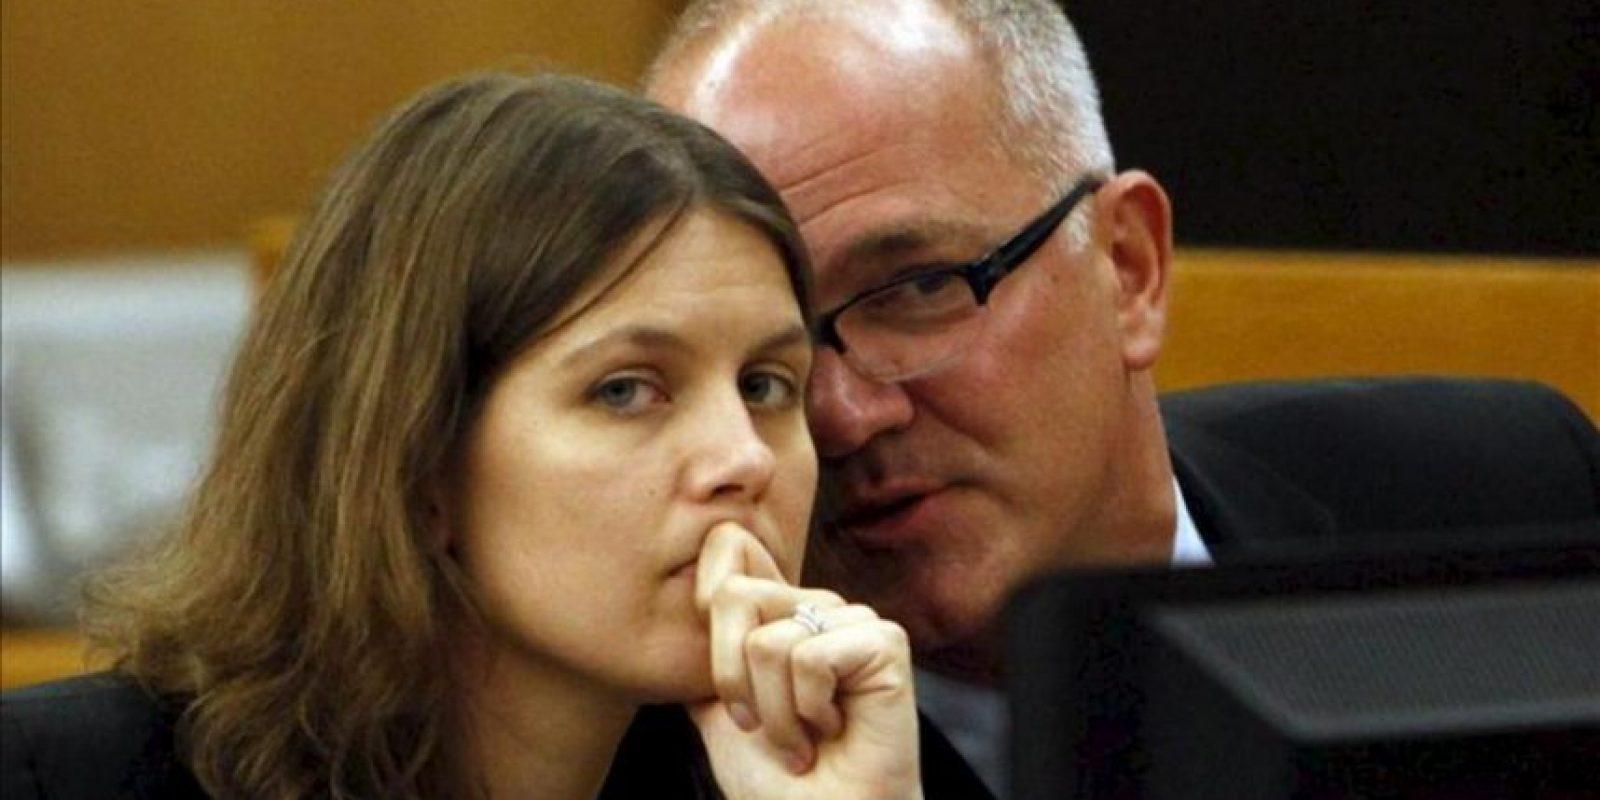 Los abogados de AEG Jessica Stebbins-Bina (i) y Marvin Putnam (d) hablan durante el argumento de refutación en el caso de la familia Jackson contra la promotora de conciertos AEG en Los Ángeles, California (EE.UU.) el 26 de septiembre de 2013. EFE